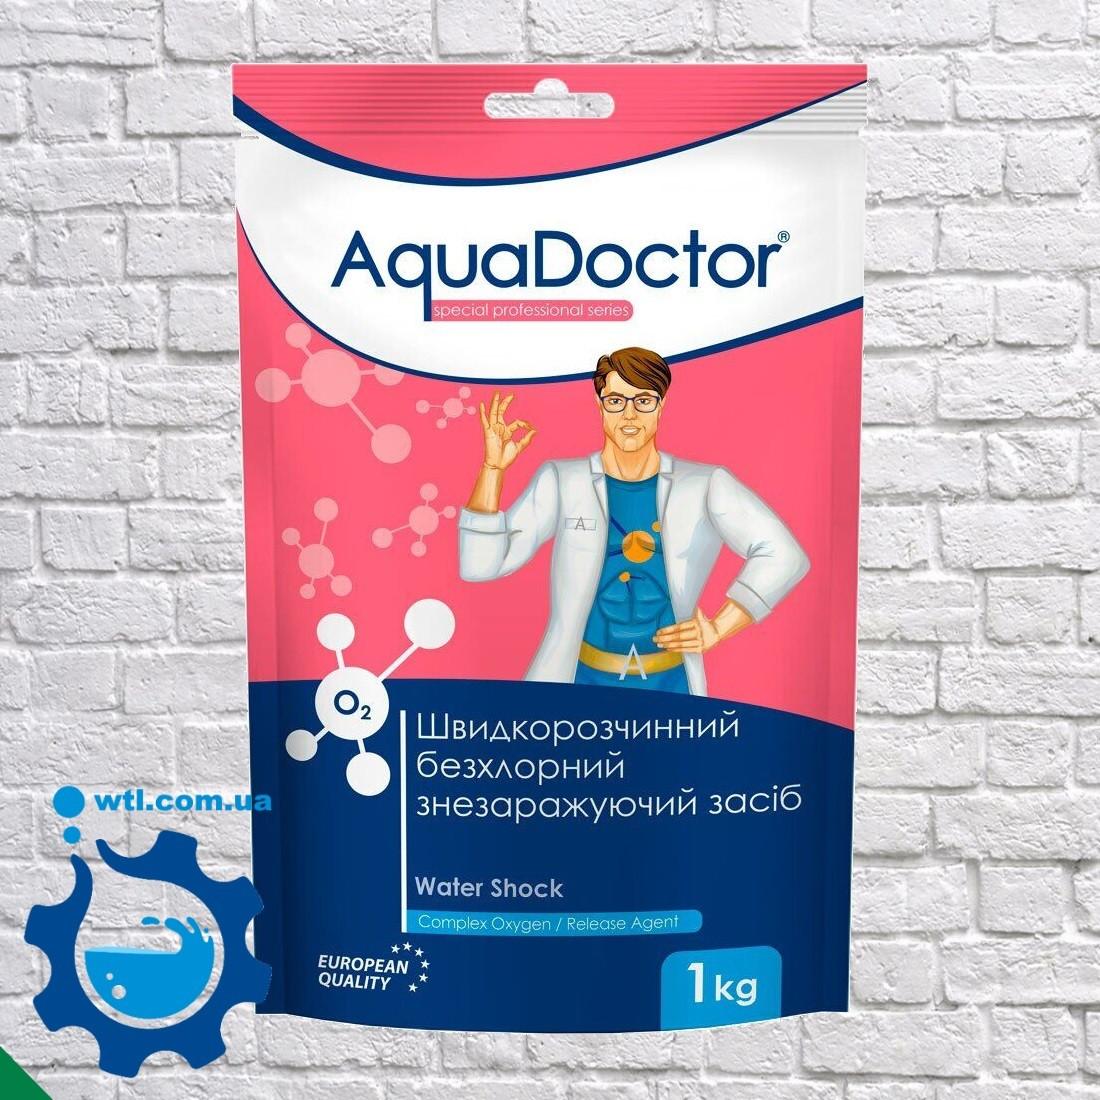 Бесхлорная химия для бассейна на основе активного кислорода Aquadoctor Water Shock О2 1 кг Аквадоктор